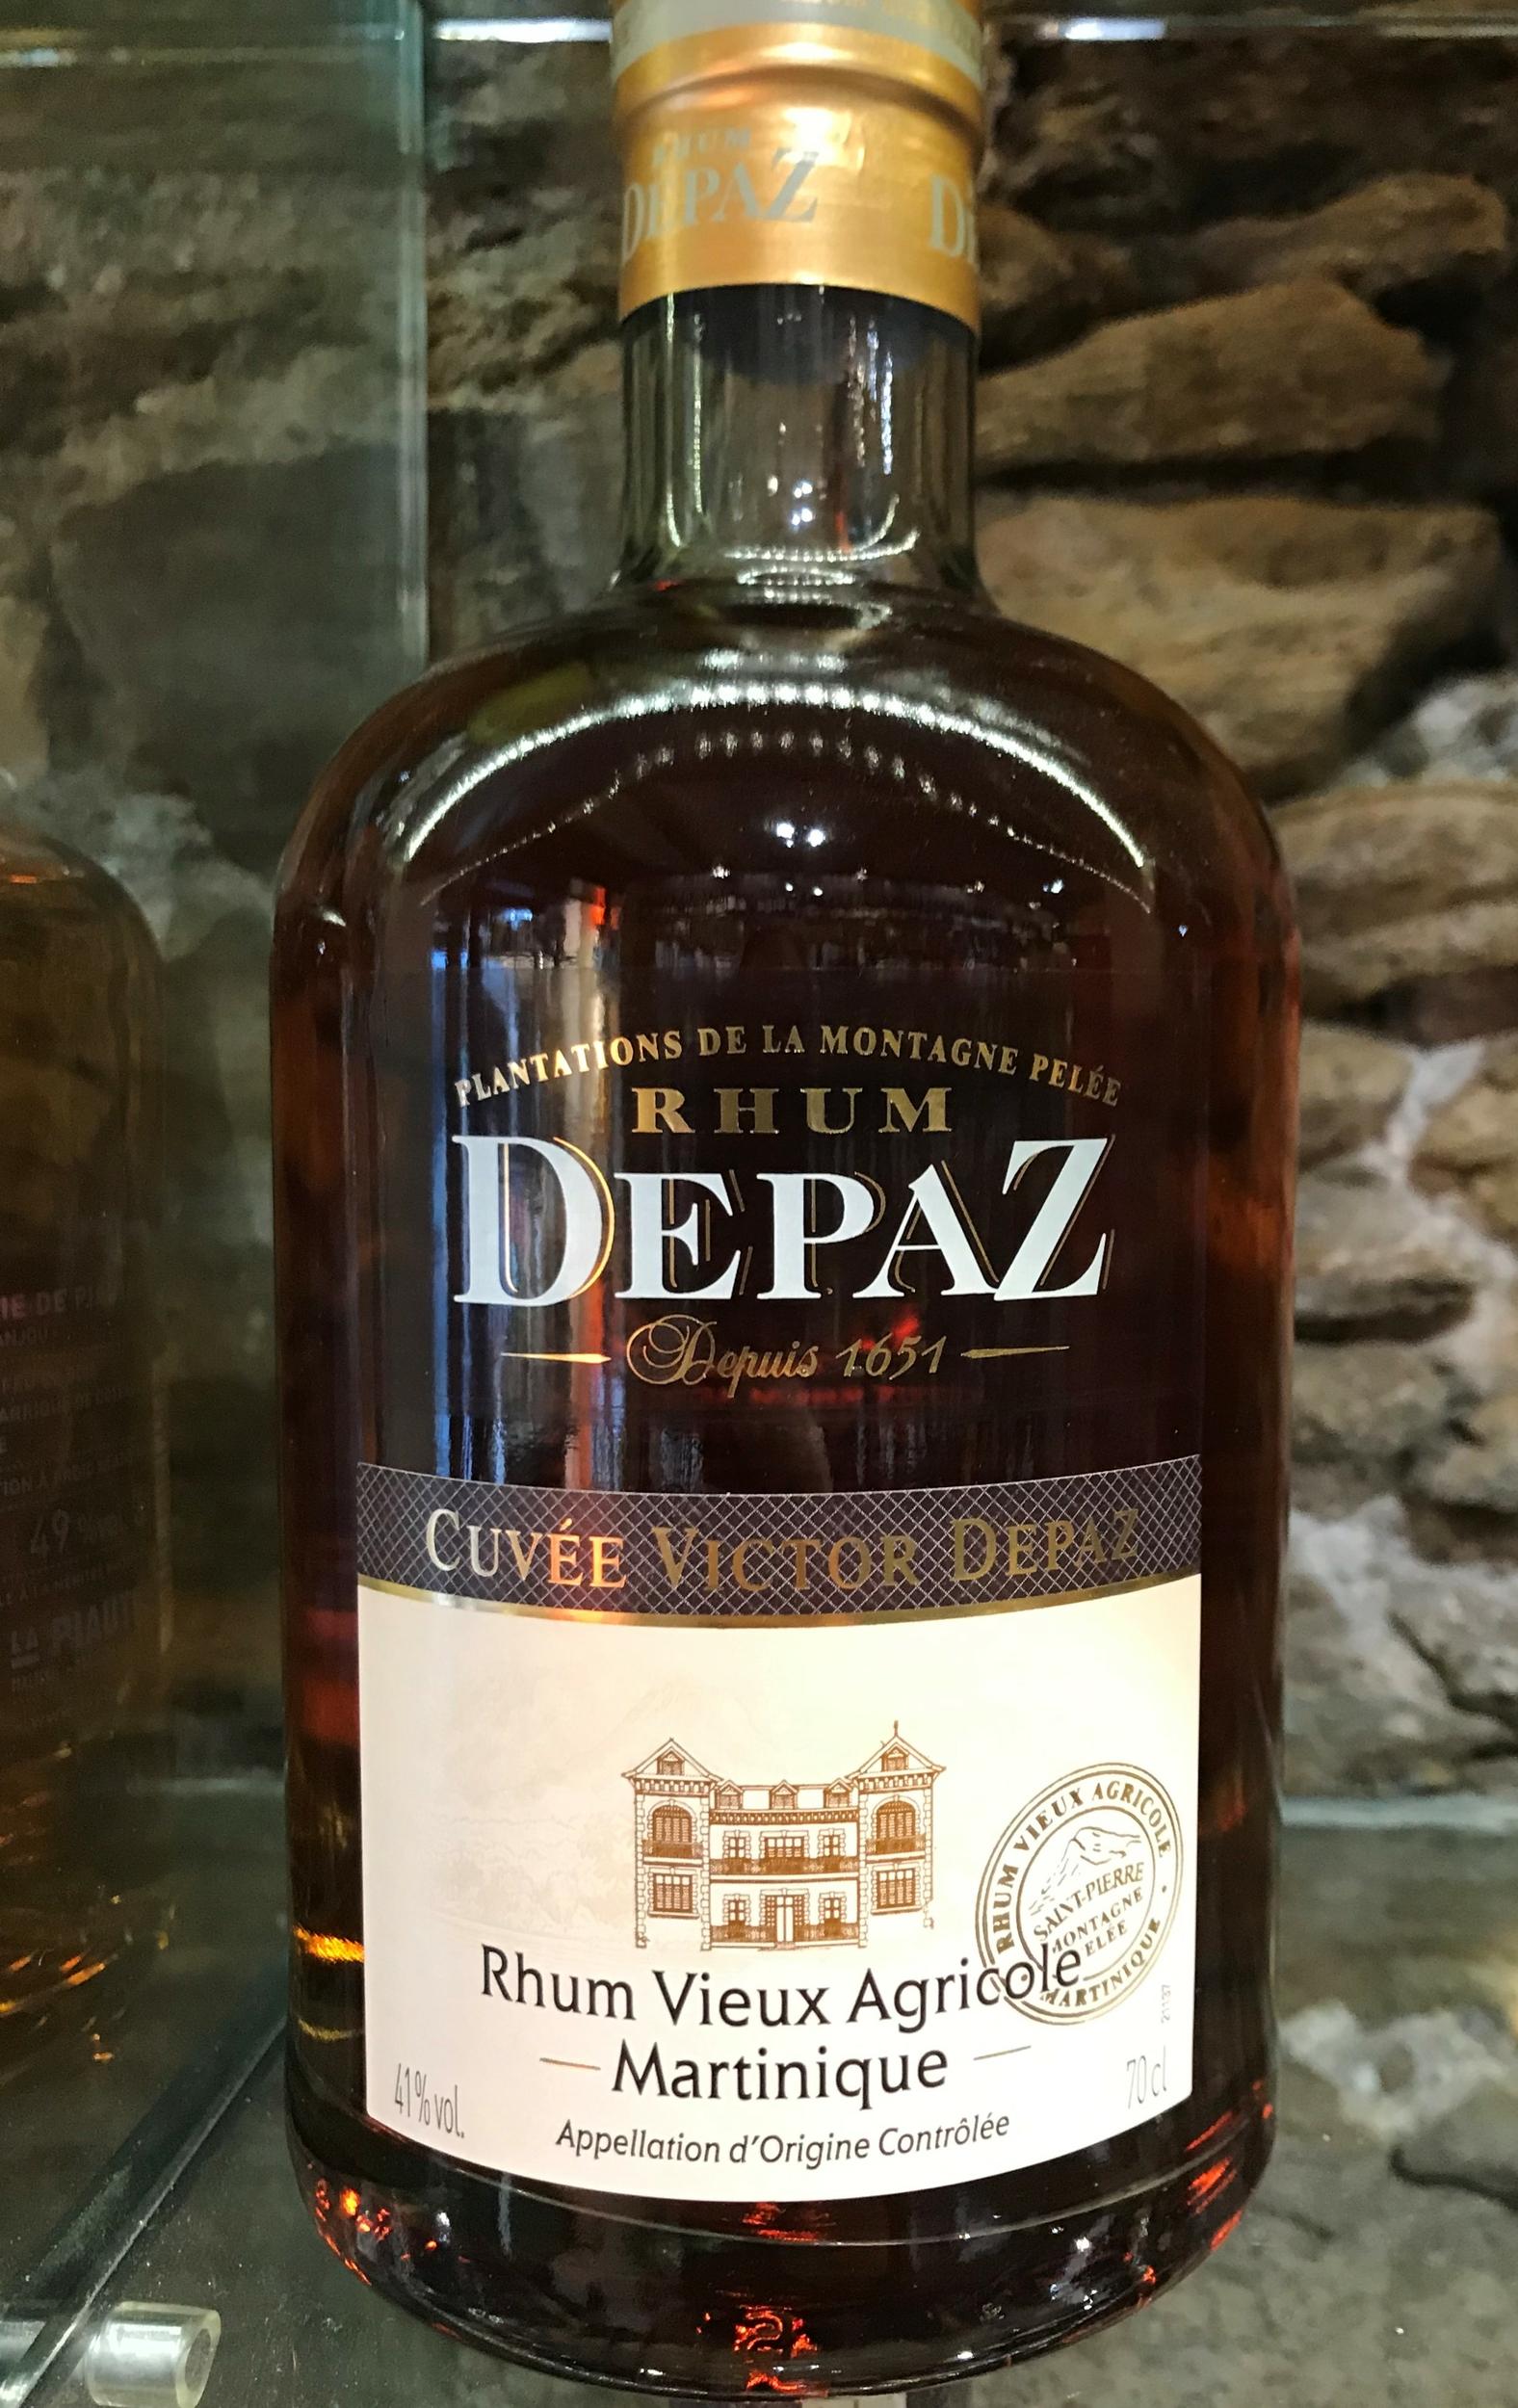 Cuvée Victor Depaz